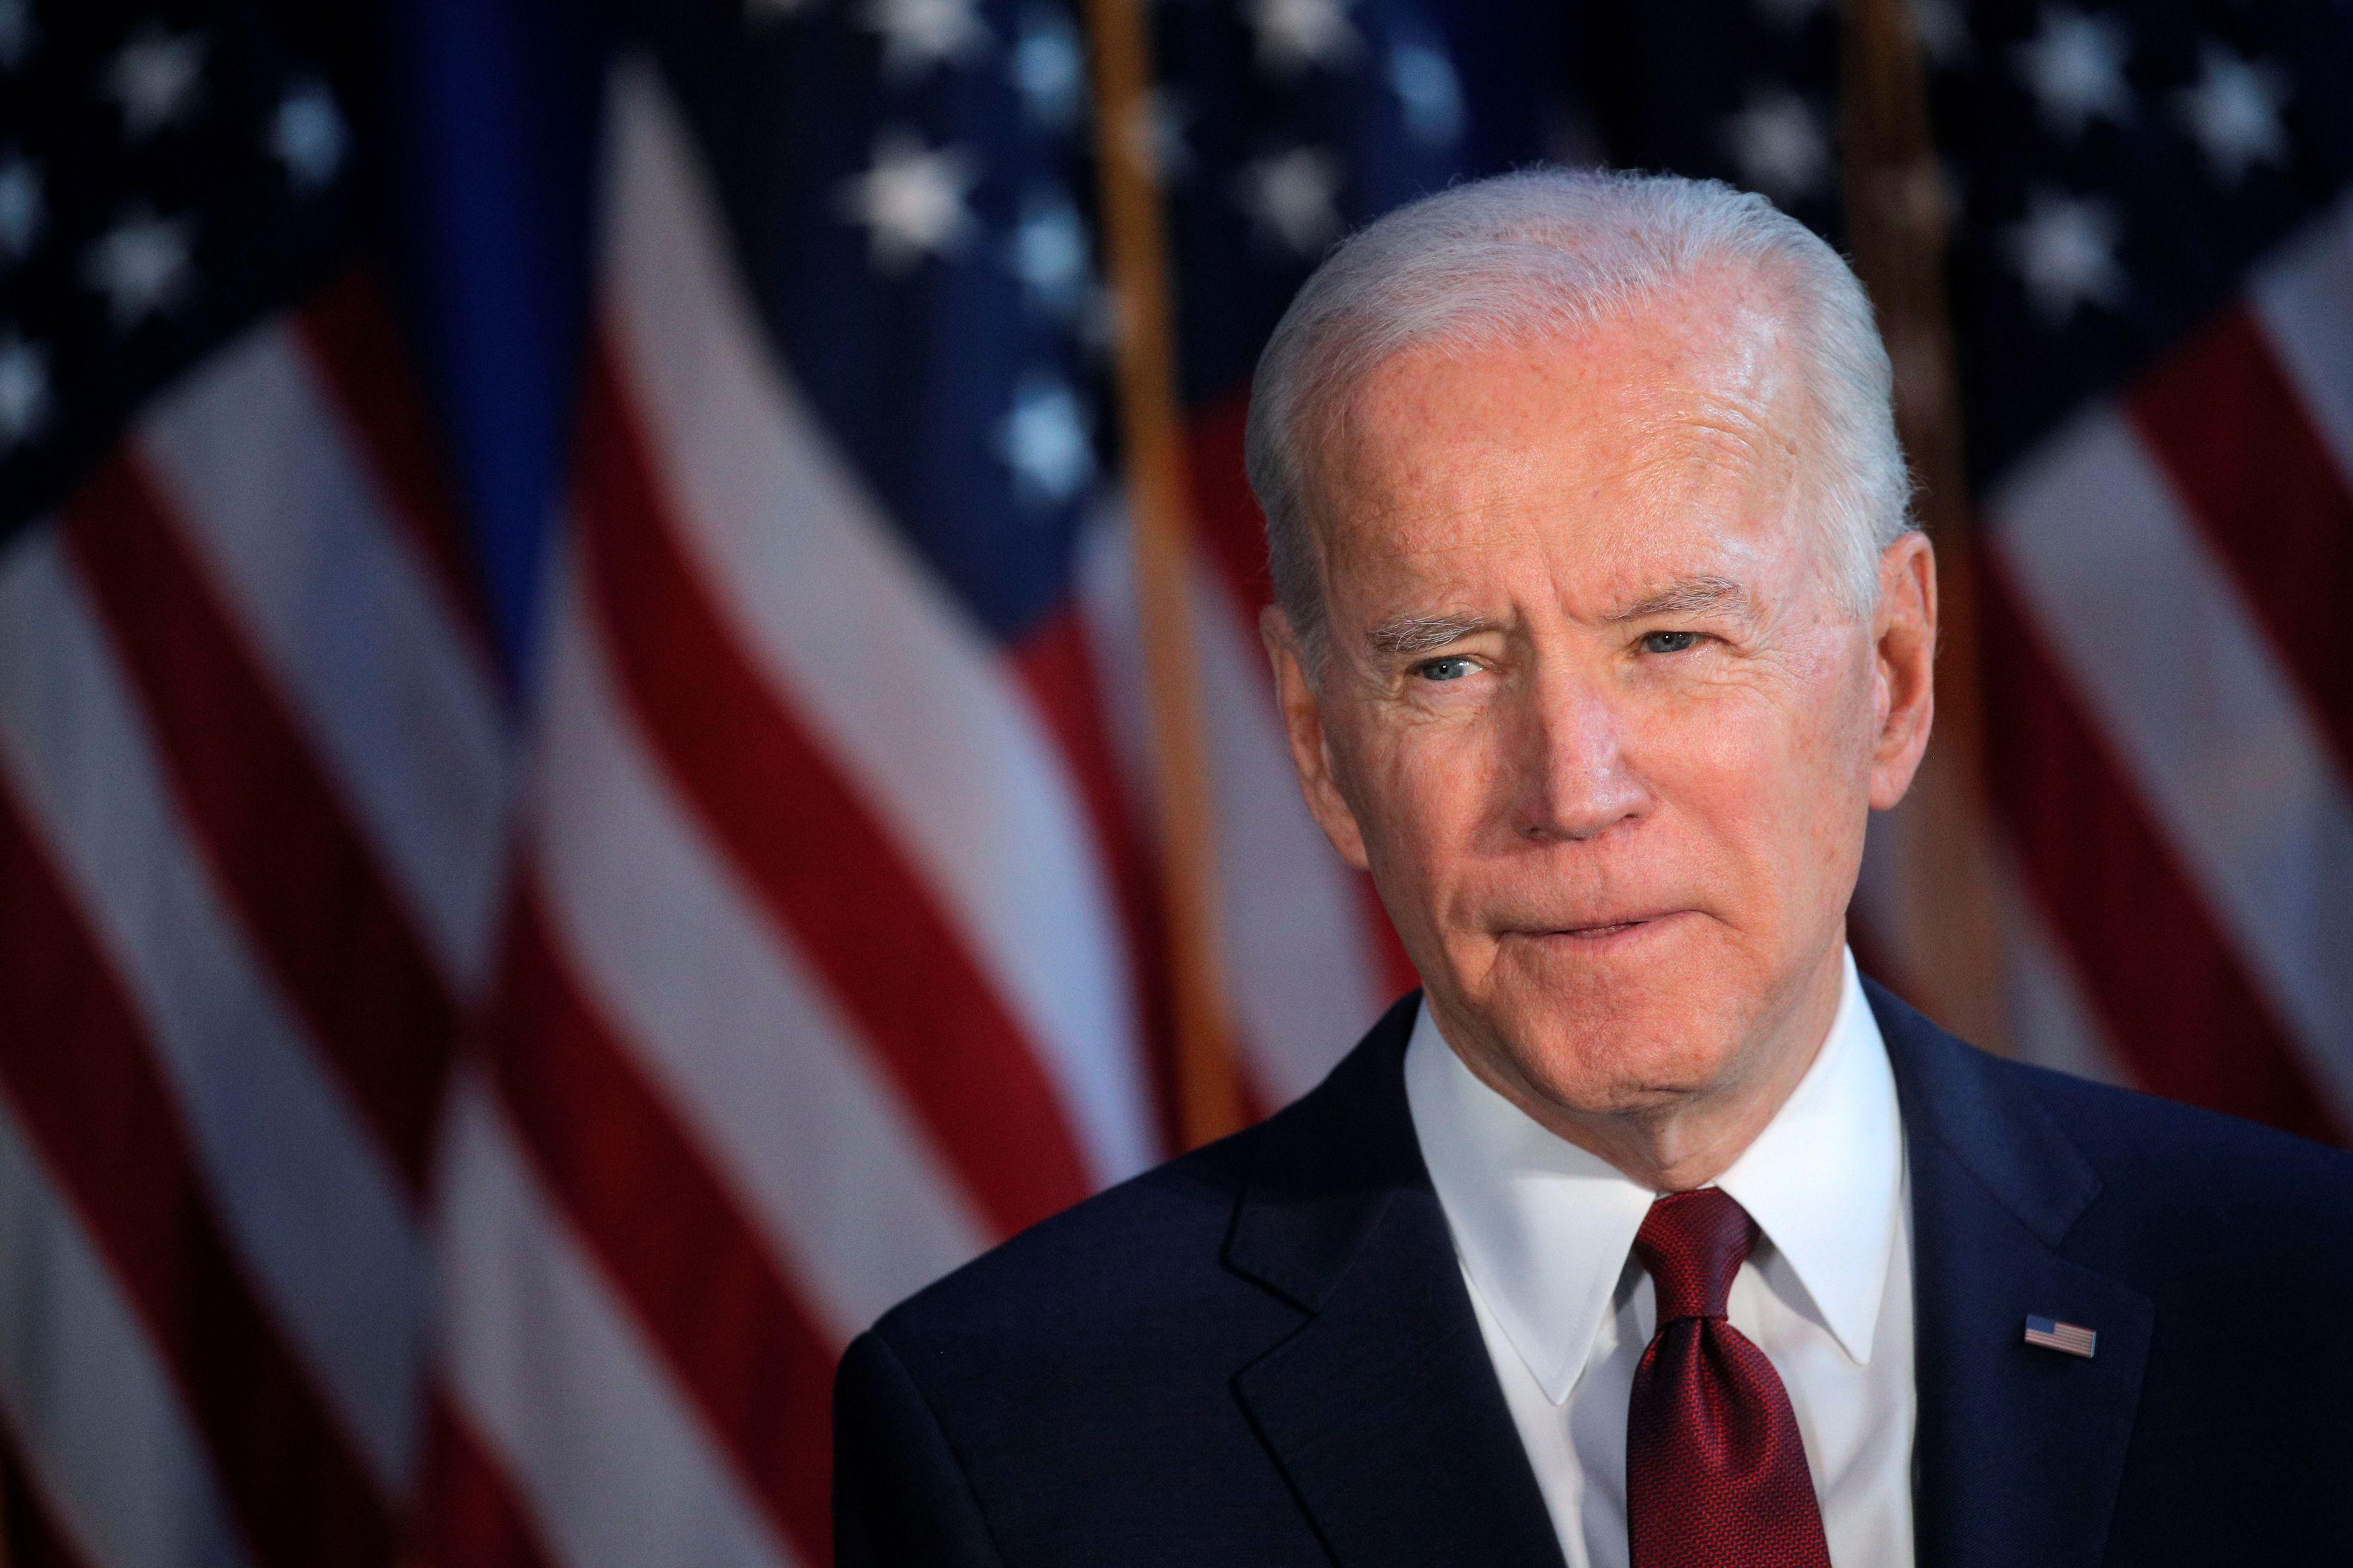 ODLUKU OBJASNIO U PISMU UPUĆENOM KONGRESU! Džo Bajden produžio sankcije Iranu do marta 2022. godine